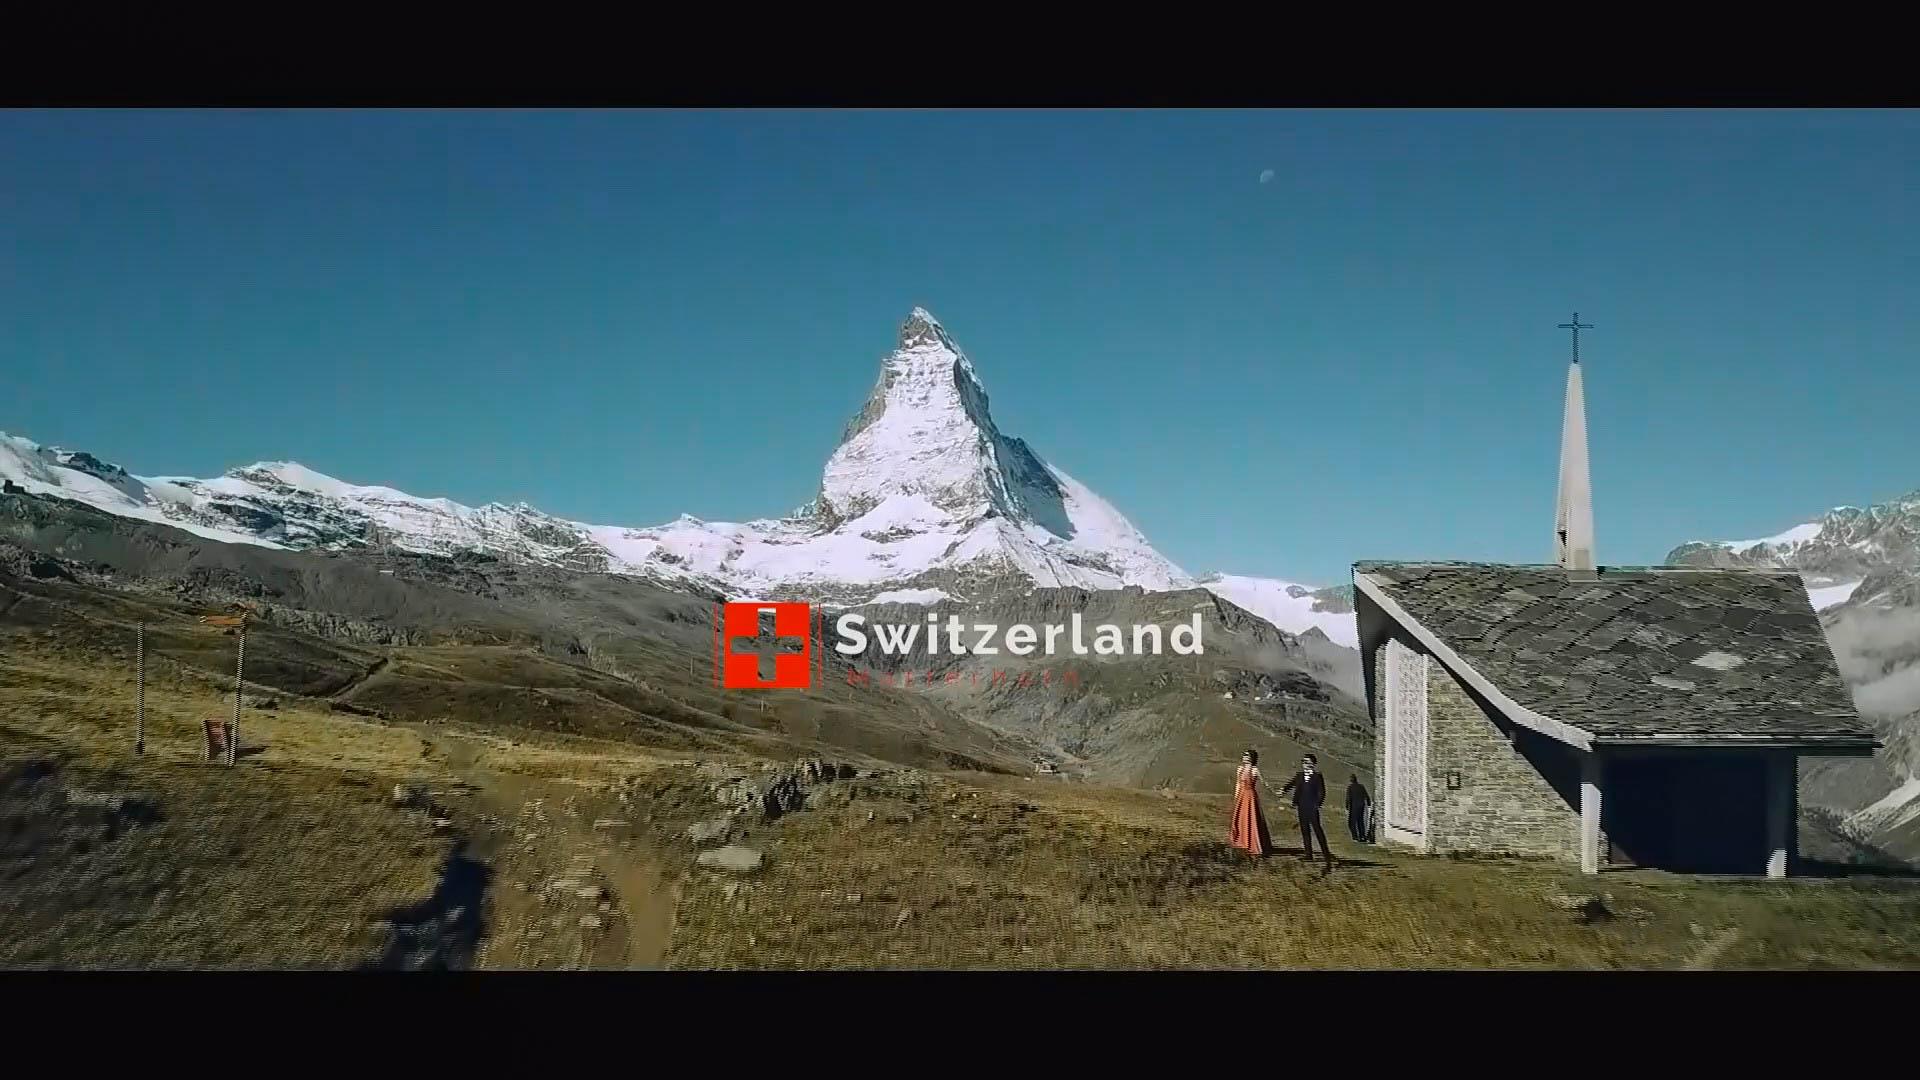 海外 Prewedding Denny & Karol 地點 瑞士 Switzerland [婚紗側錄 空拍 婚錄]